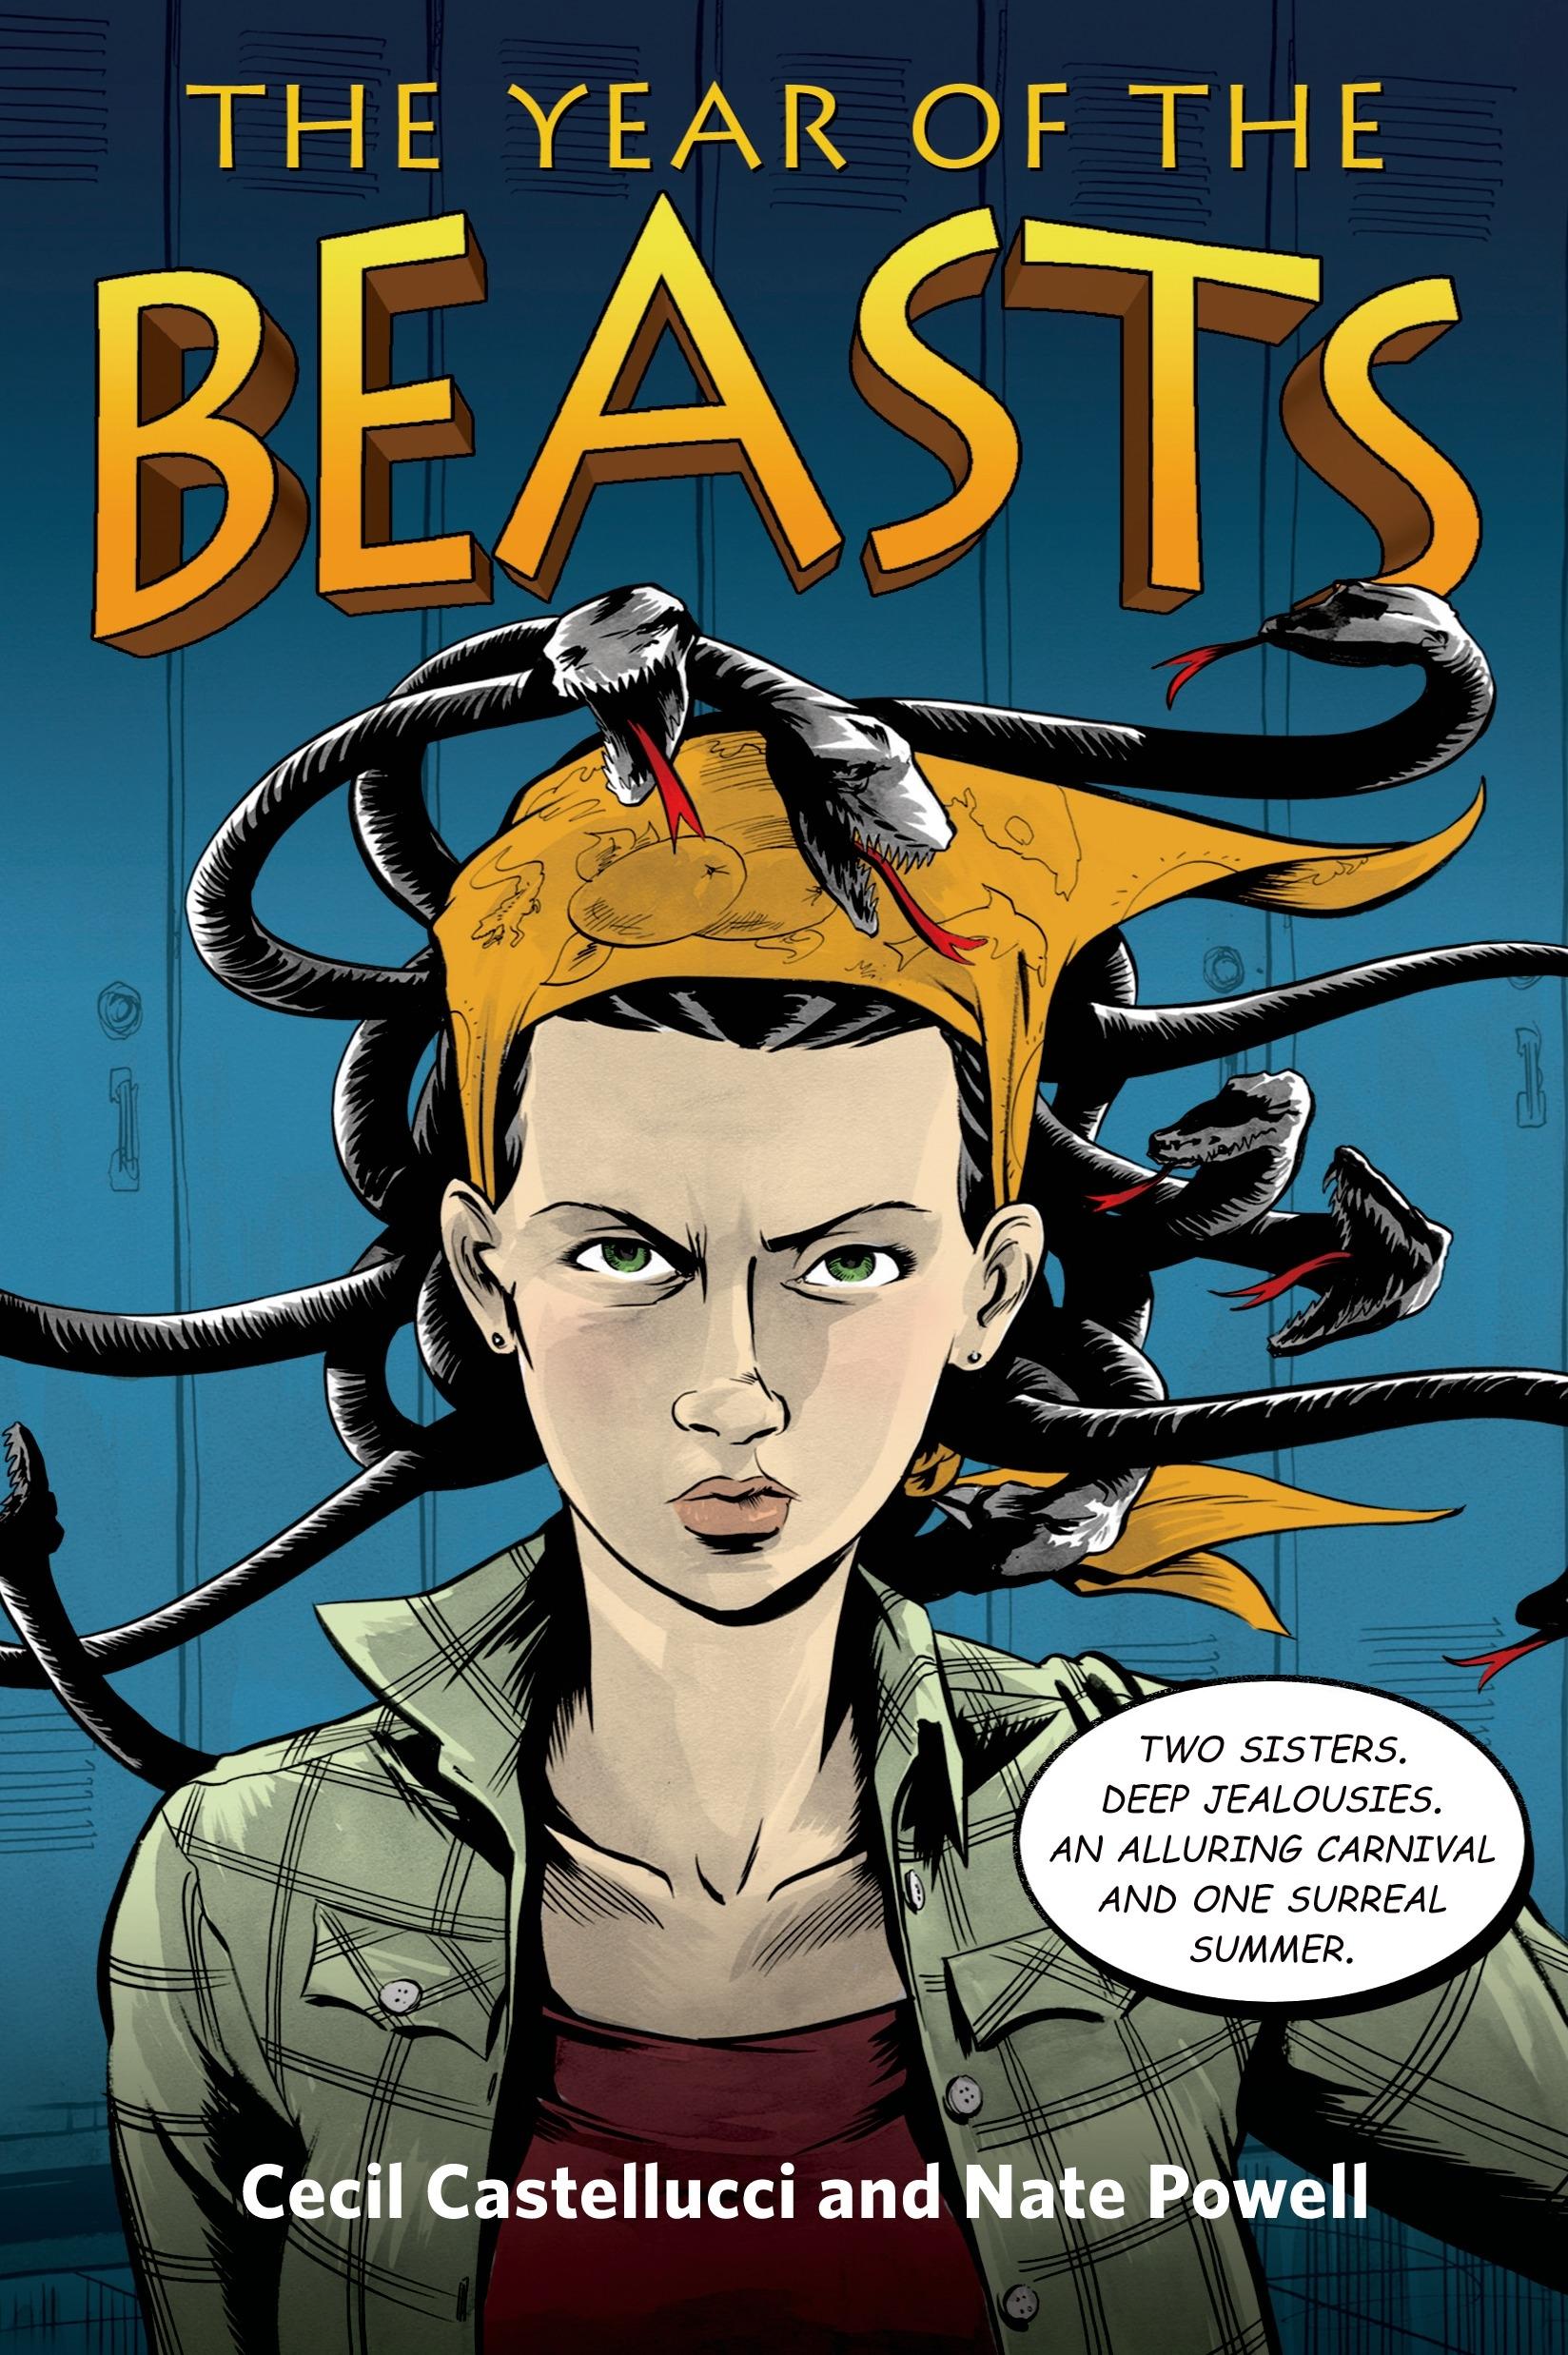 beasts paperbackhires.jpg